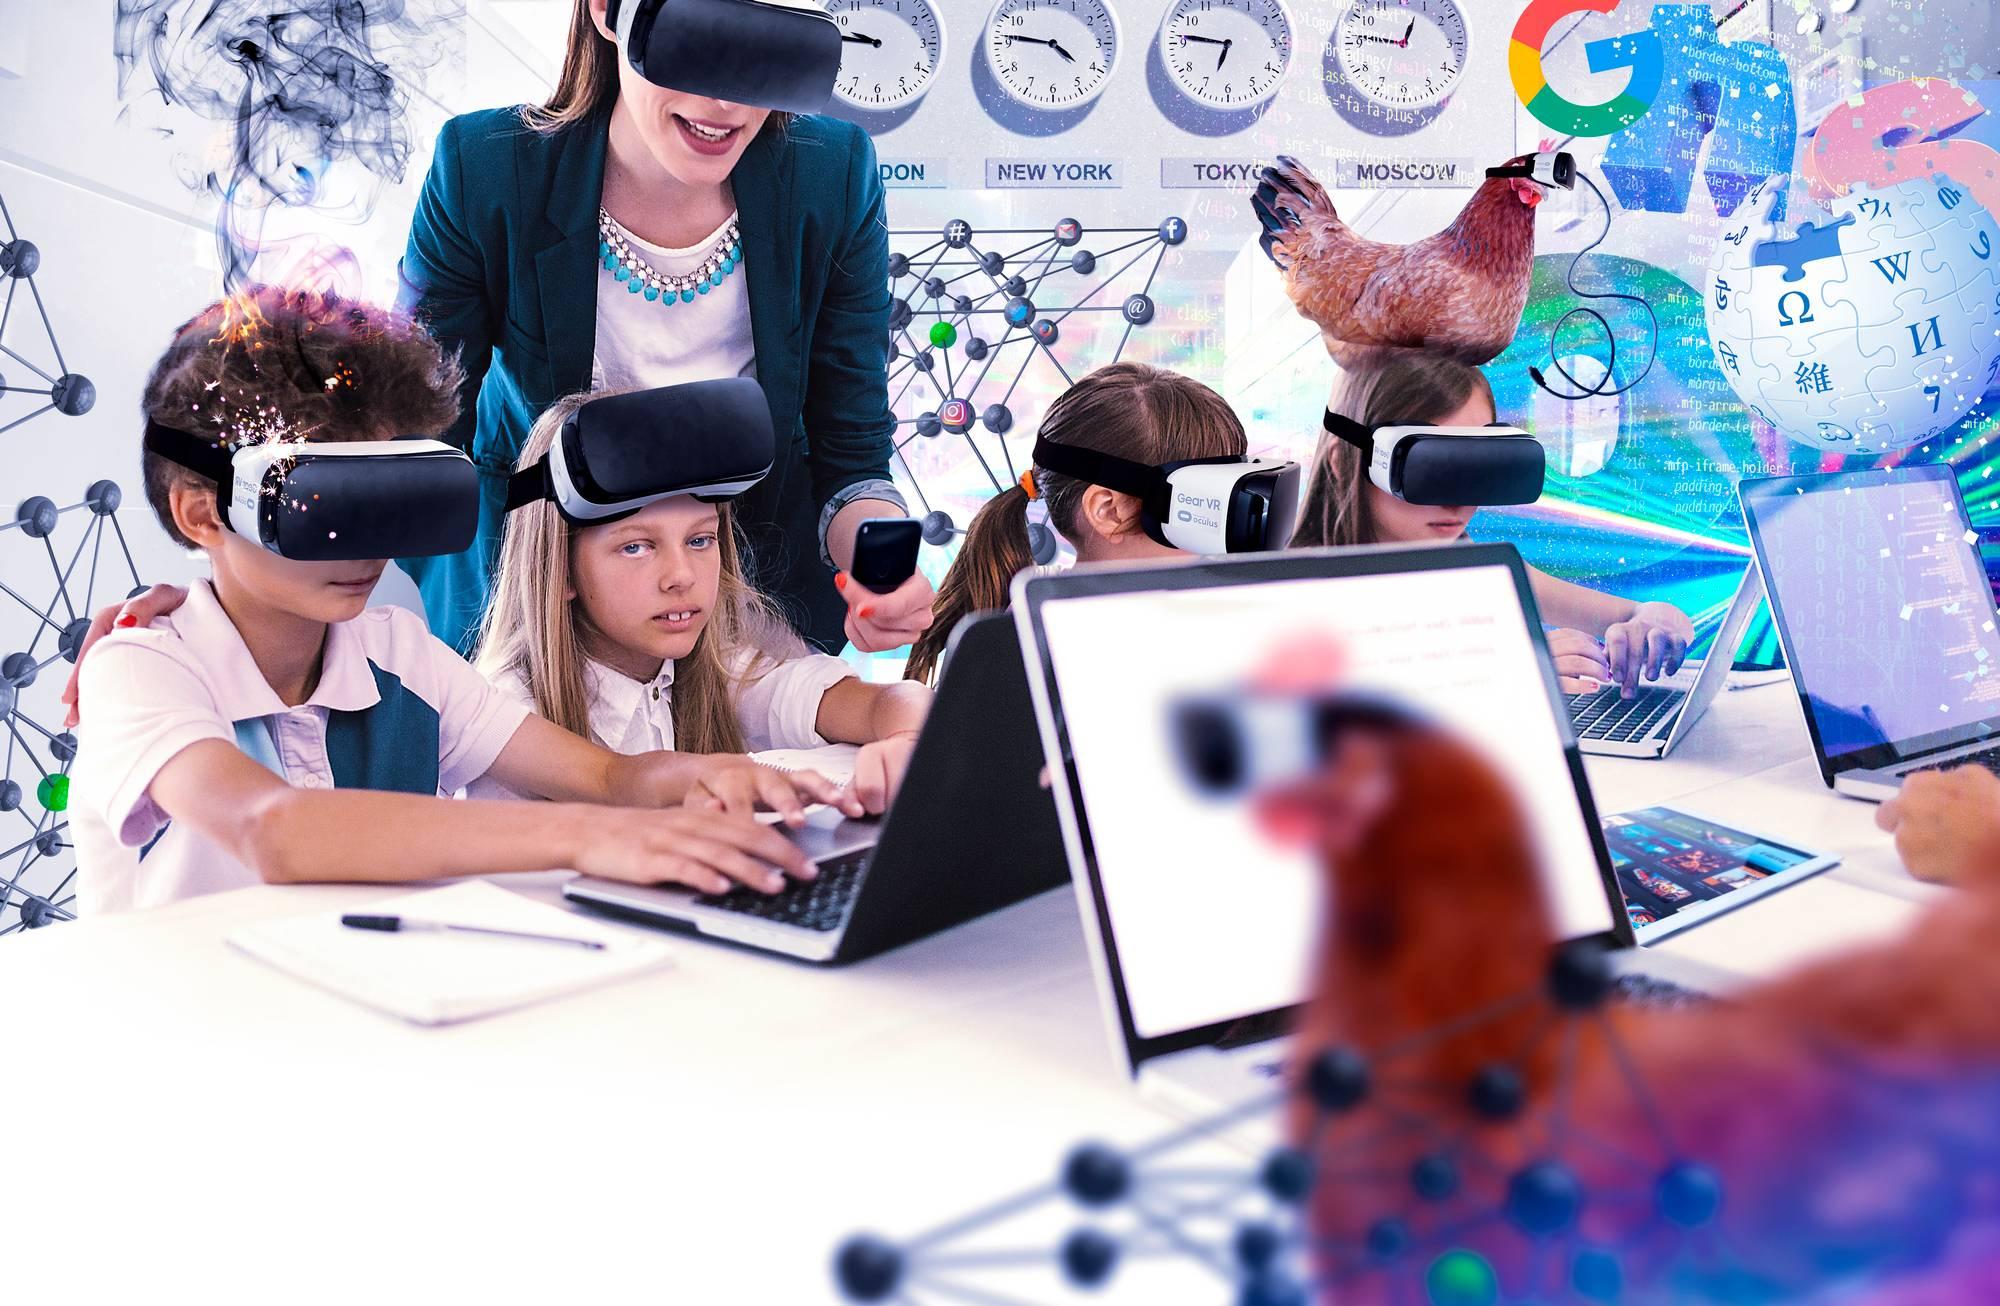 """Kuvituskuva: Oppilailla ja opettajalla on virtuaalitodellisuuslasit päässä, kun he työskentelevät tietokoneella, yksi """"digitaalinen aapiskukko"""" istuu yhden oppilaan pään päällä."""